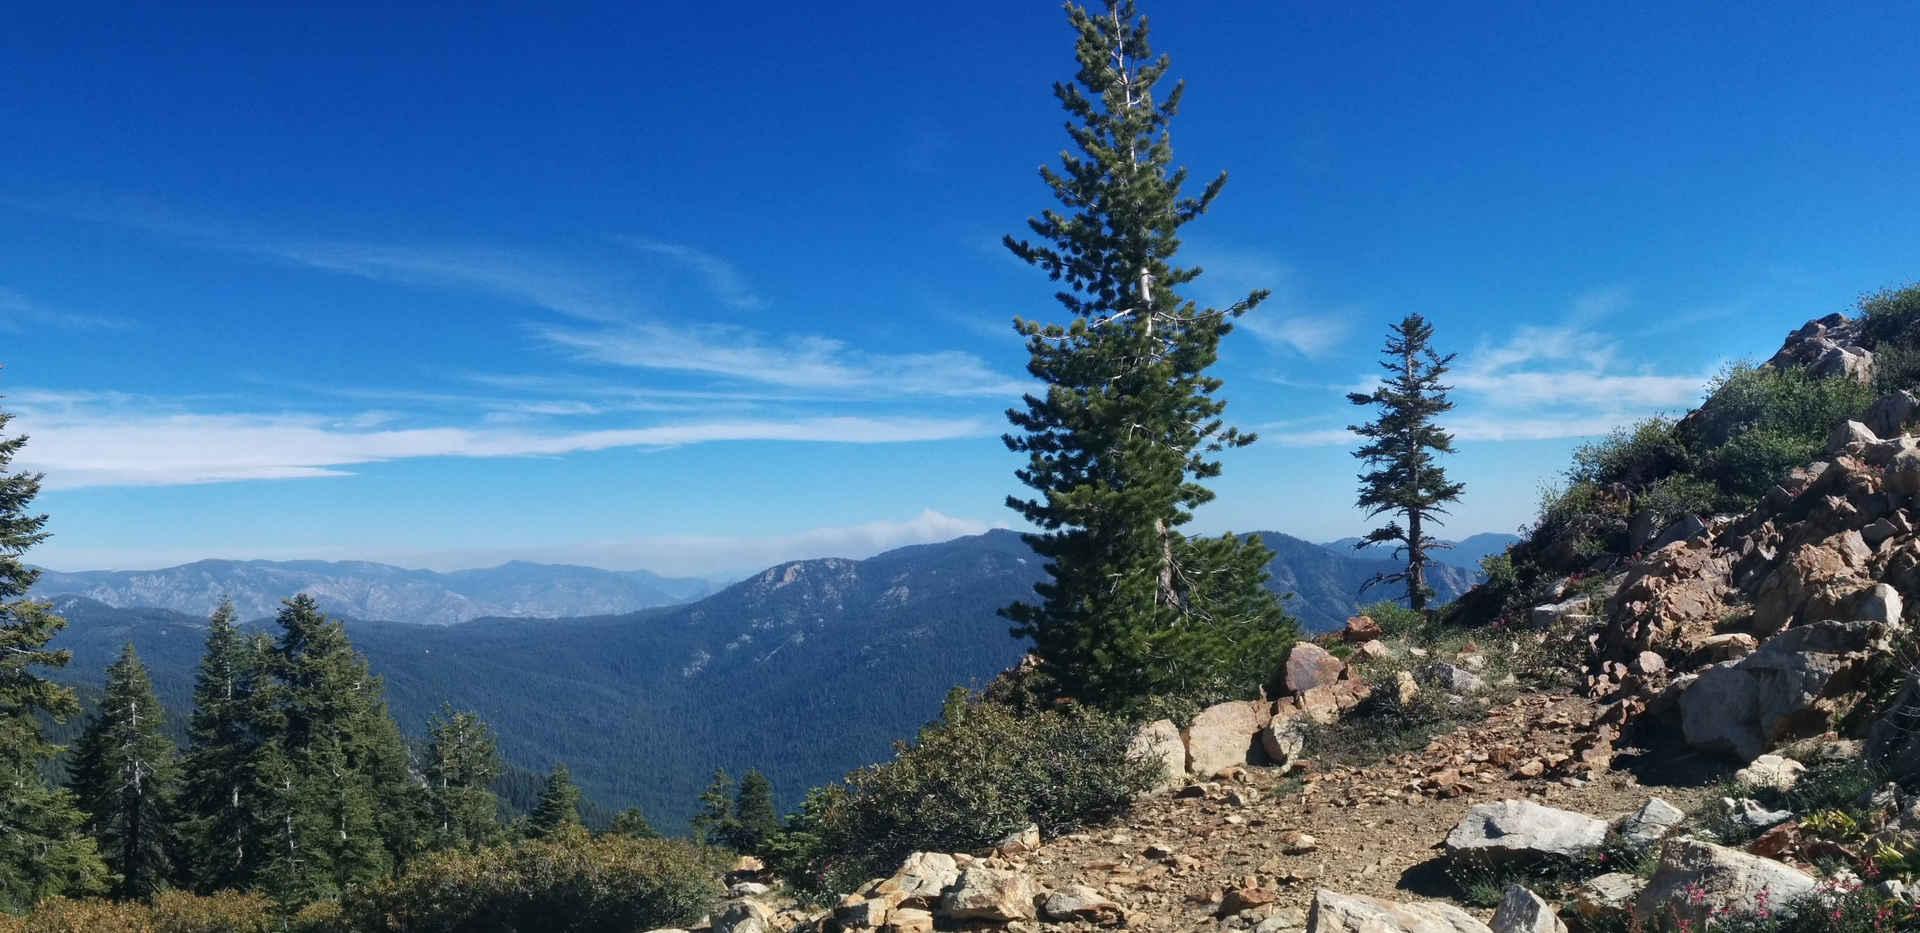 View from Jordan Peak Trail